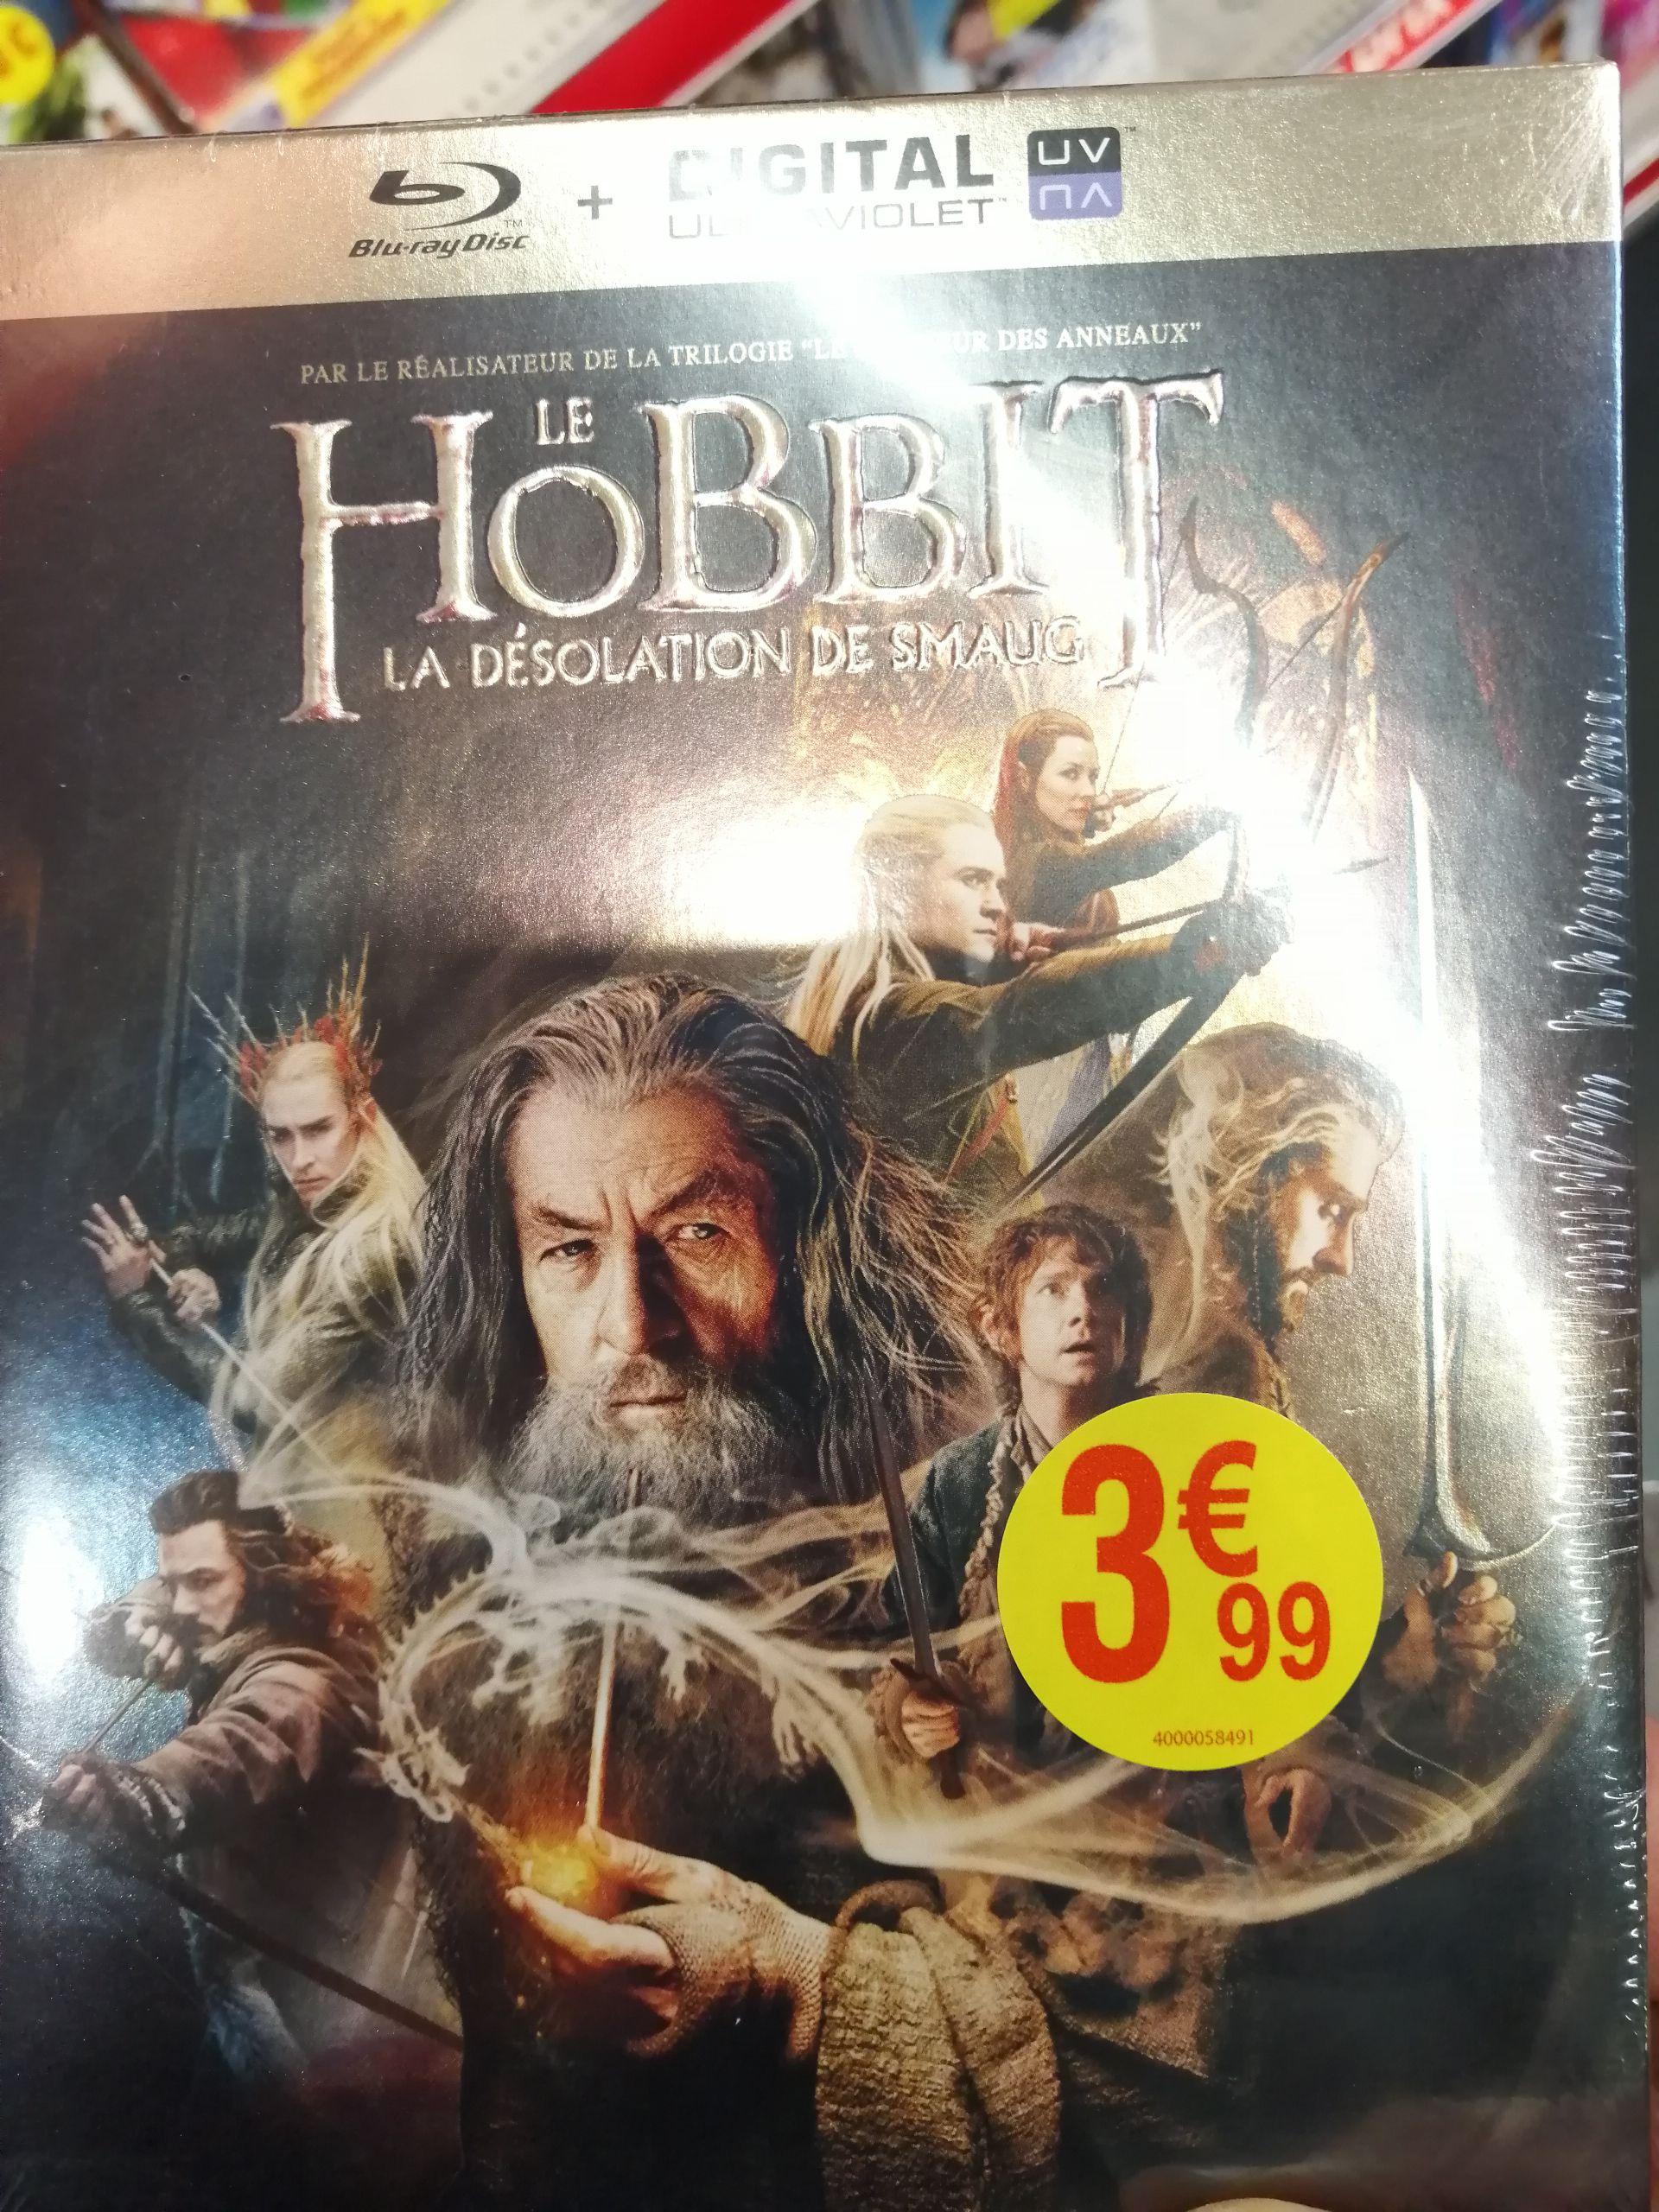 Blu-ray Le Hobbit: La désolation de Smaug - Givors (69)